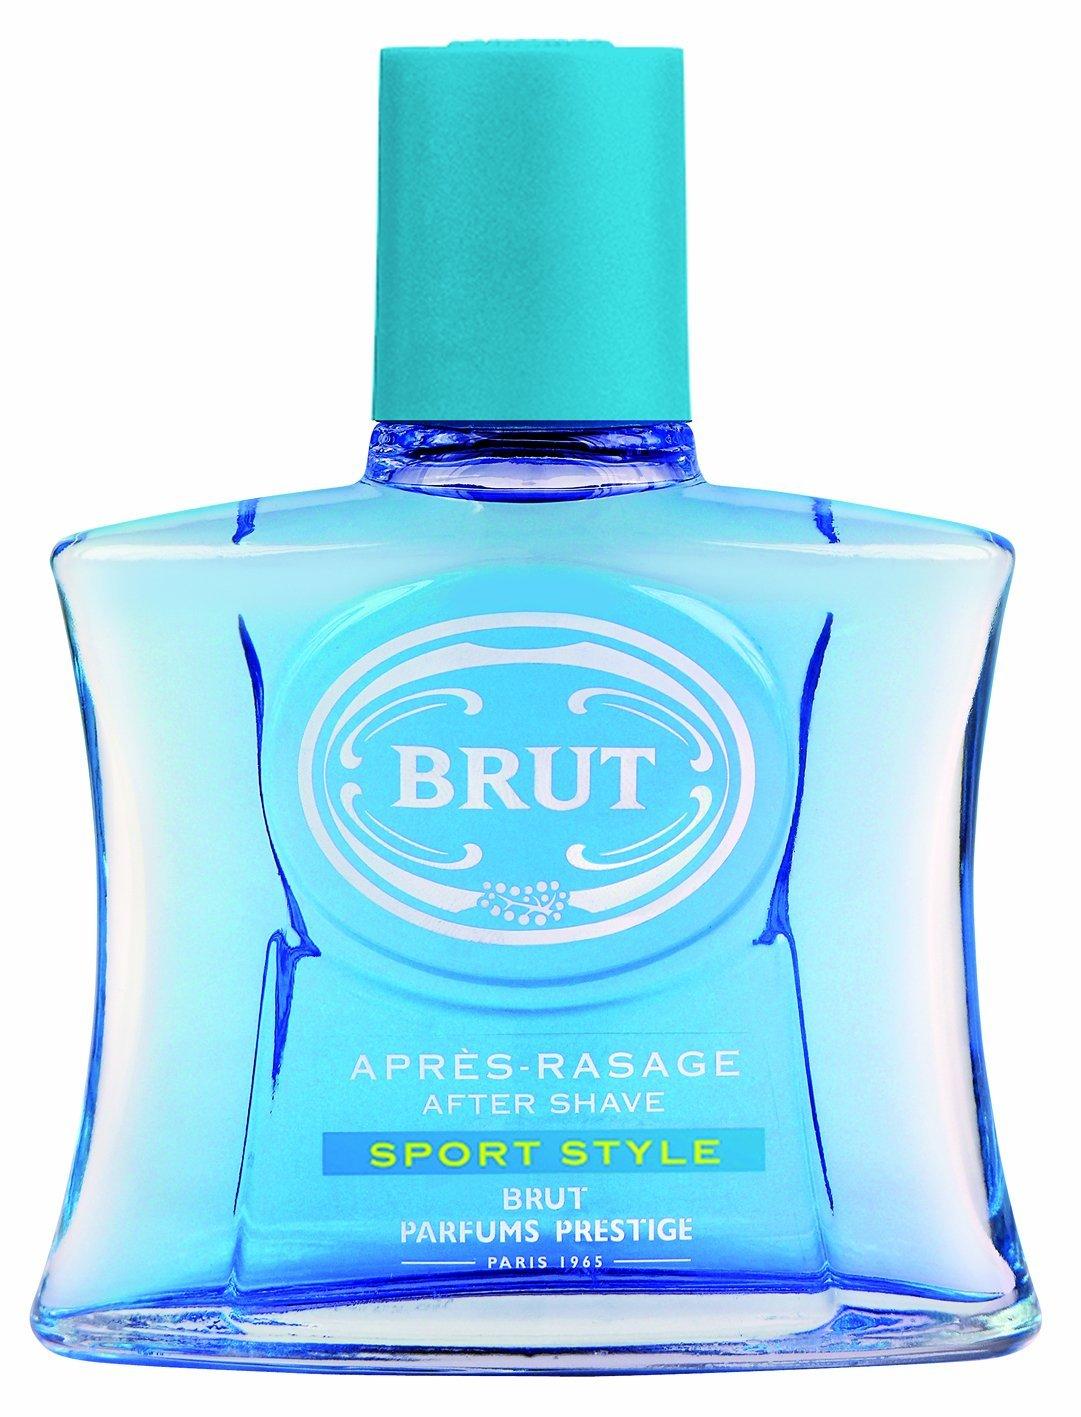 Brut Sport Style Aftershave 3.4oz (100ml) Splash